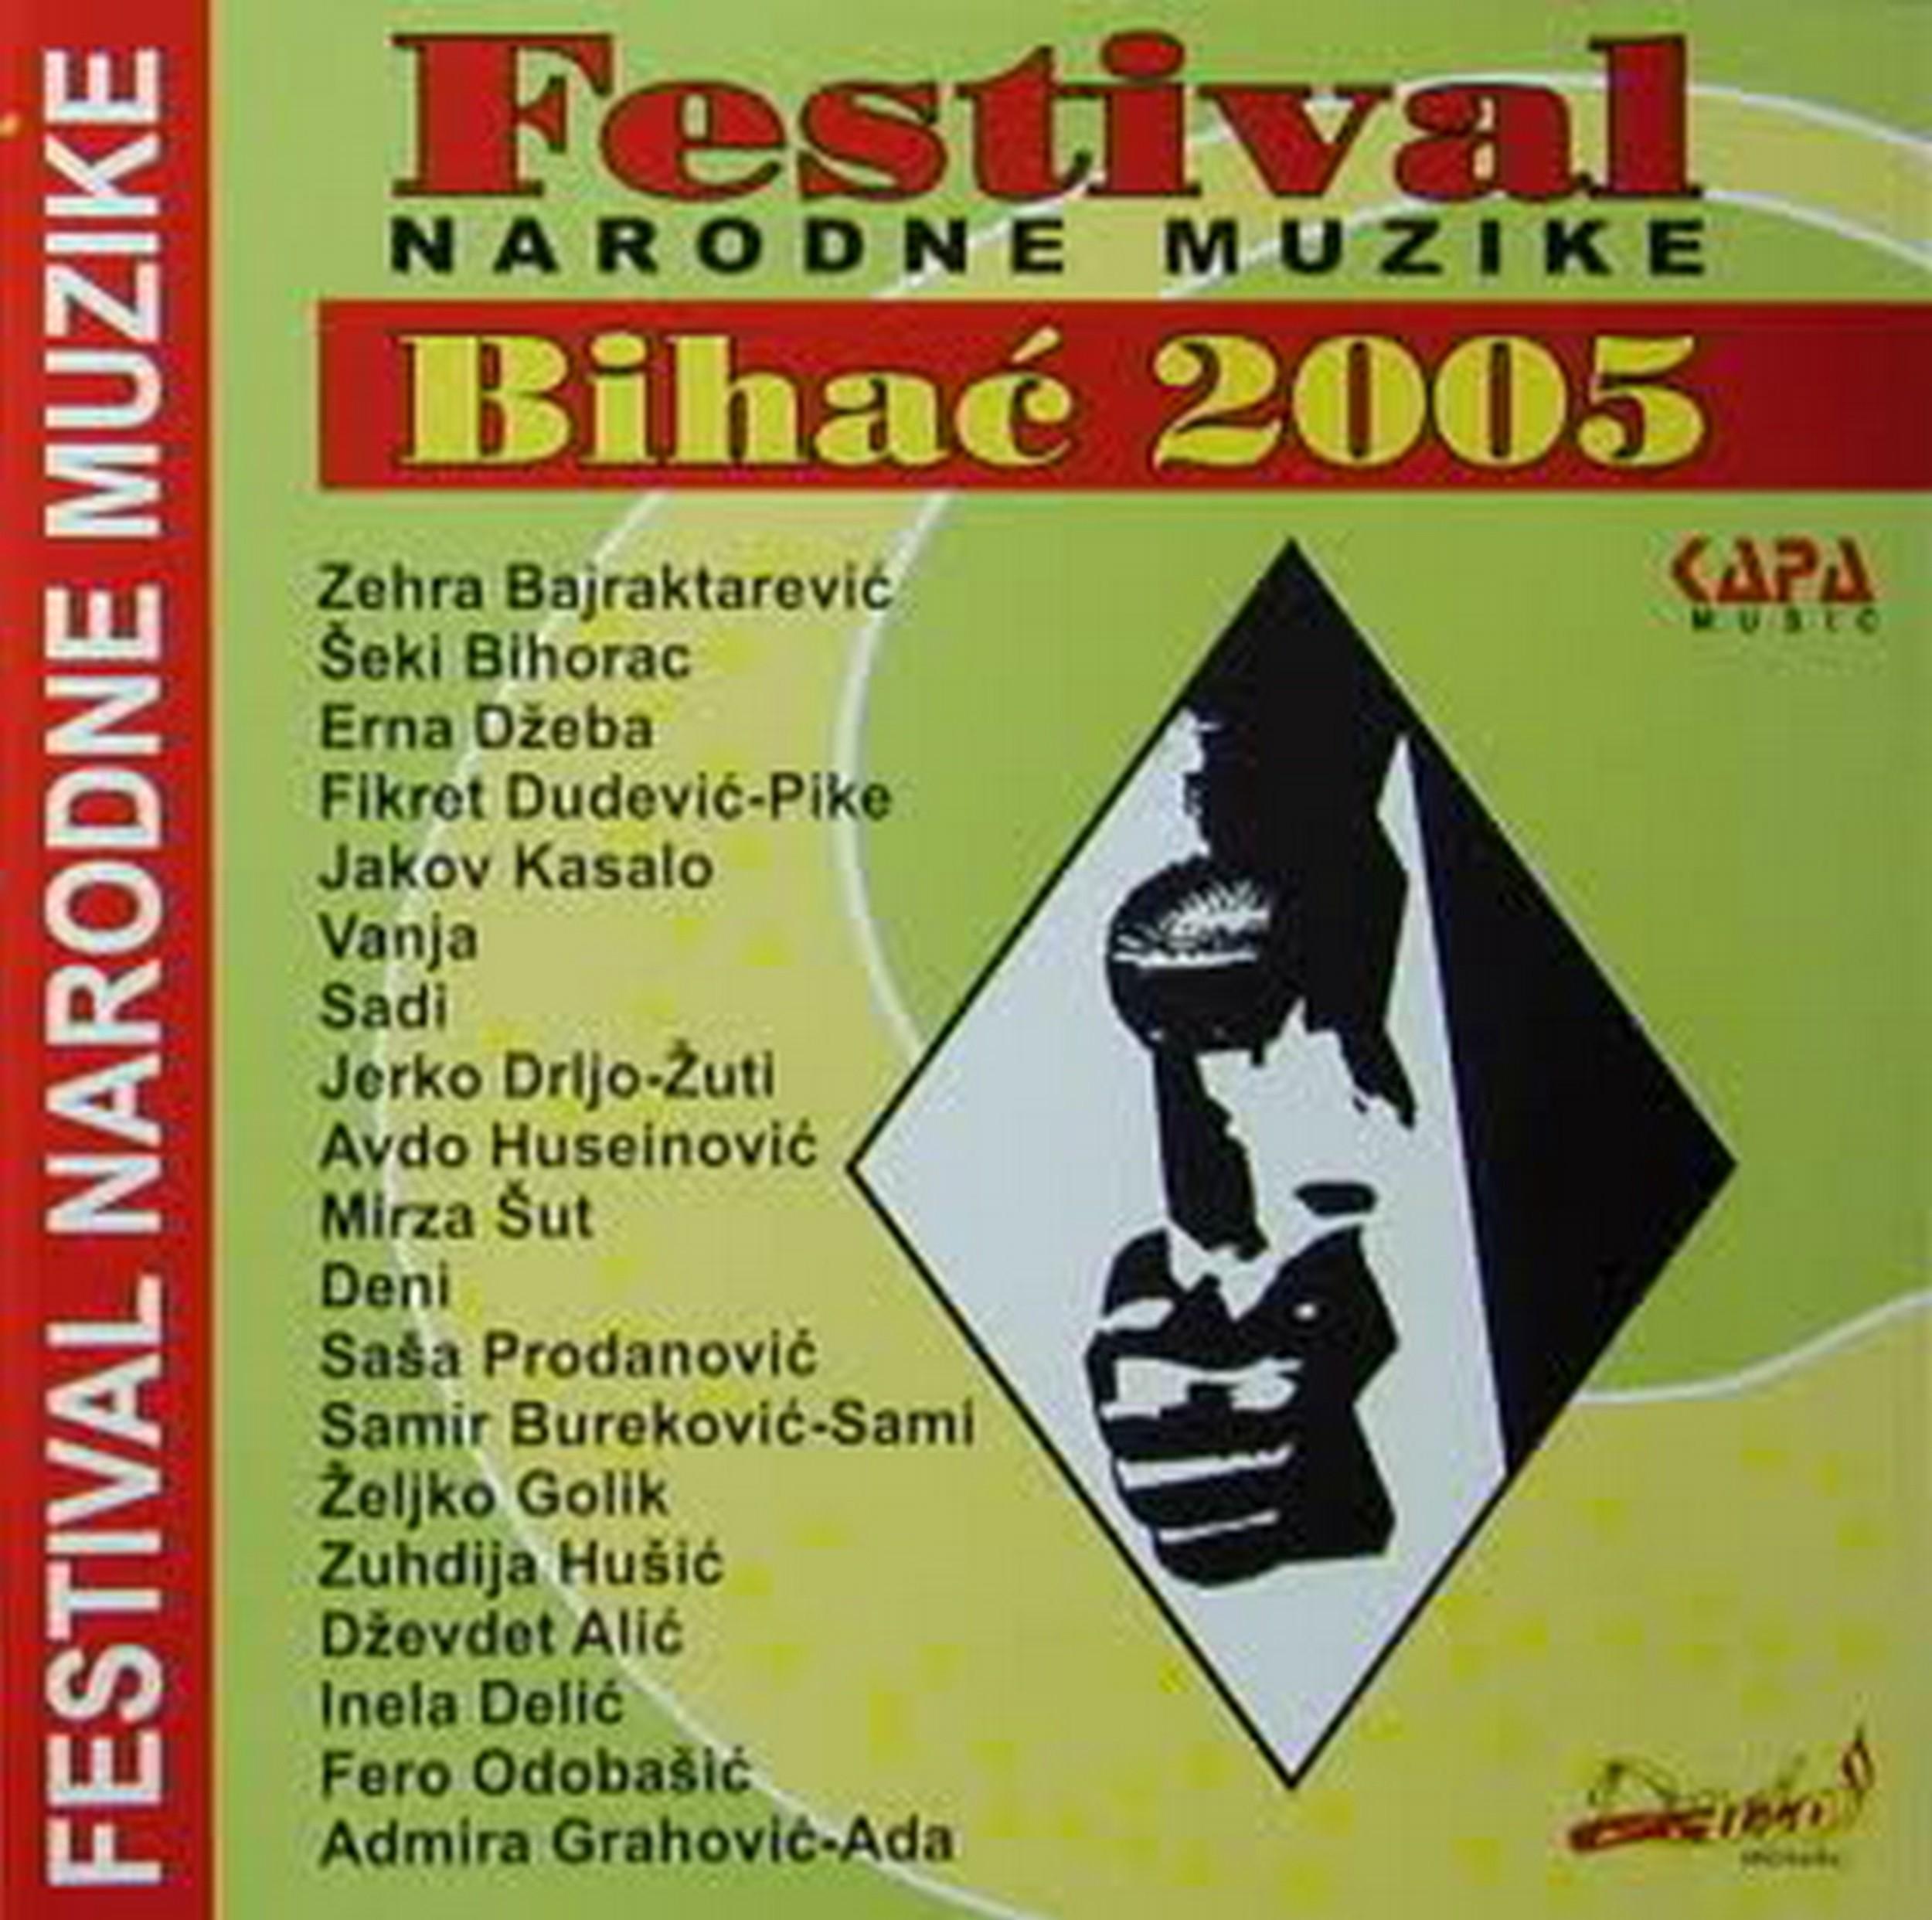 Bihacki Festival 2005